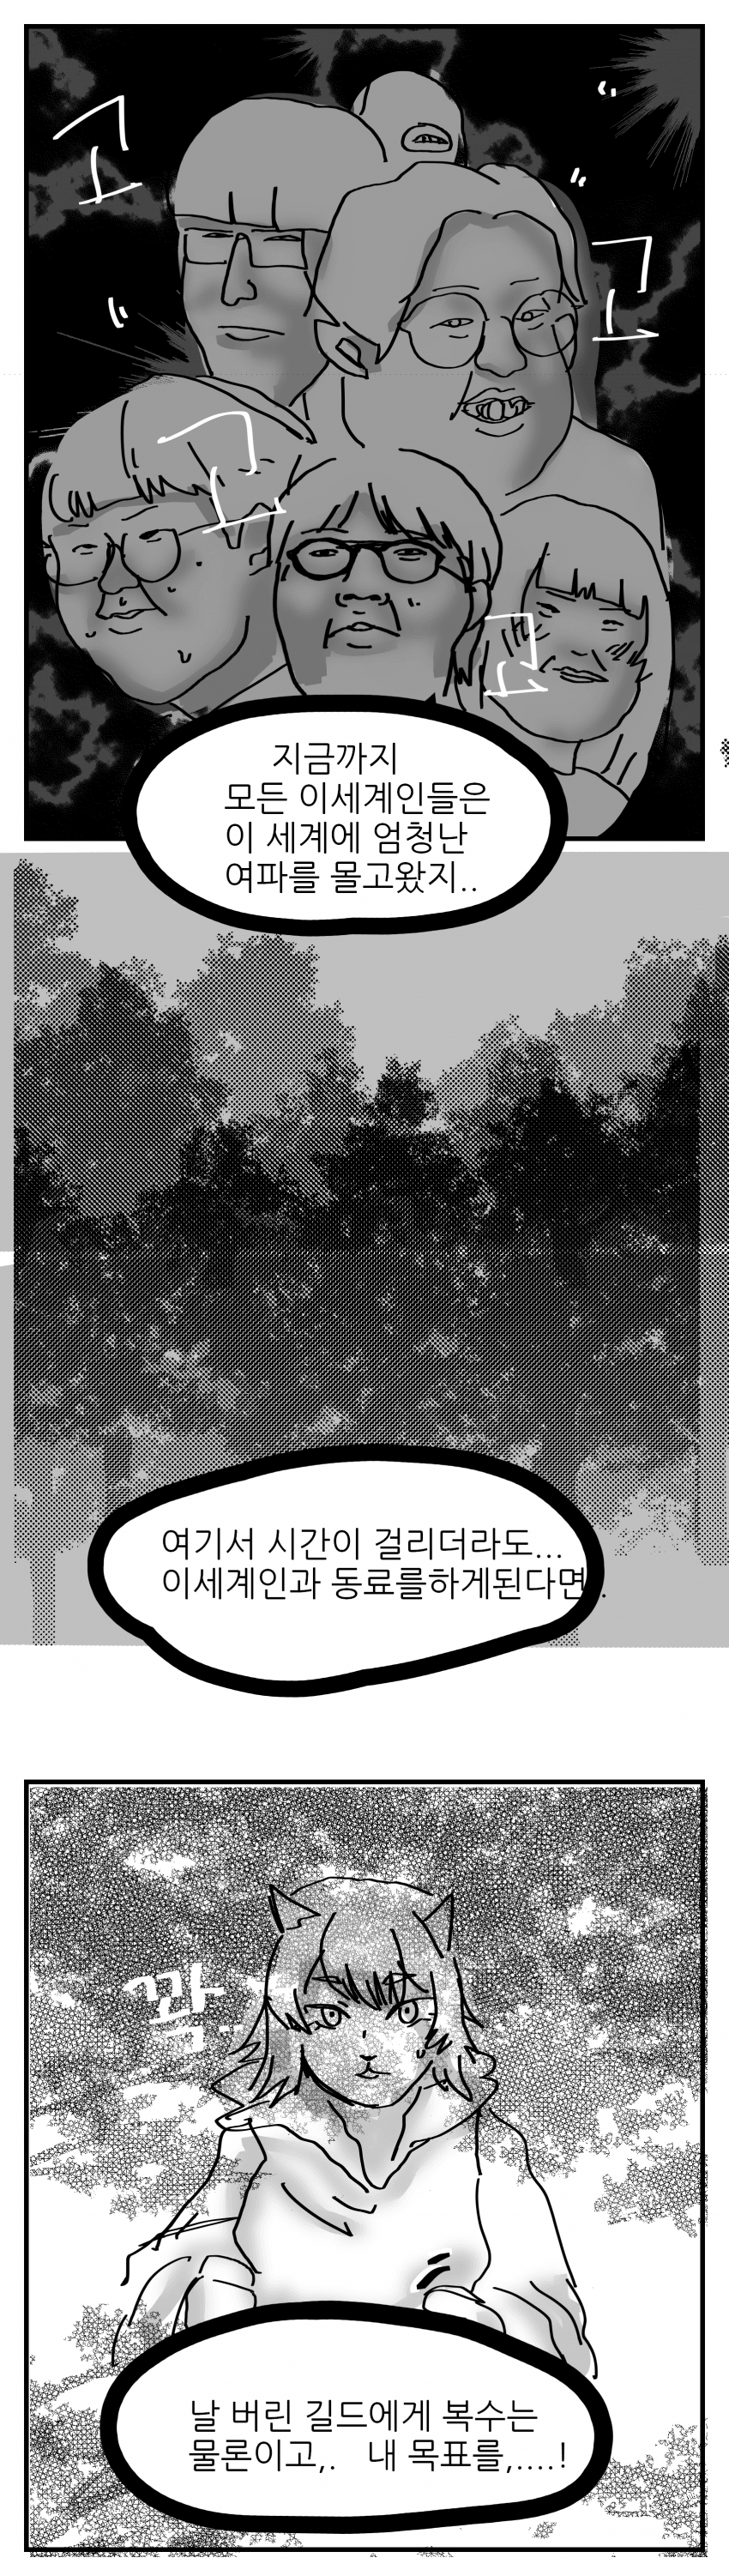 viewimage.php?id=2ebcc232eadd36&no=24b0d769e1d32ca73fec8efa11d02831835273132ddd61d36cf614d09c49d54ce78d35e4d4f9c145e919c976d7233790a358dfc26bb1bdbb371c966df8ec955549